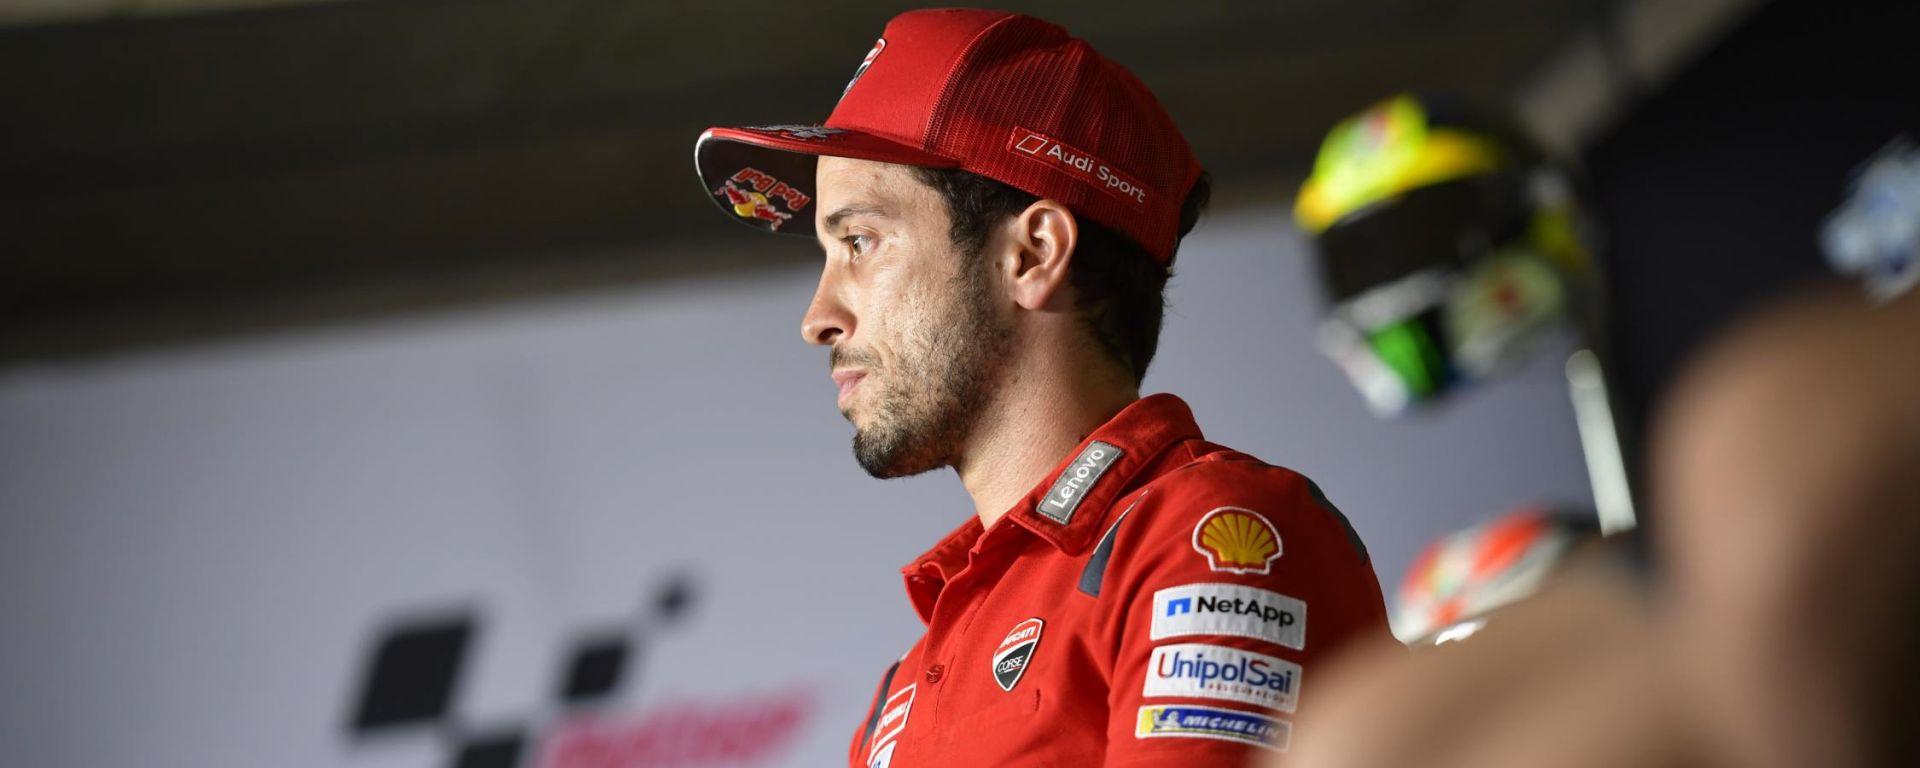 MotoGP 2020: Andrea Dovizioso (Ducati)